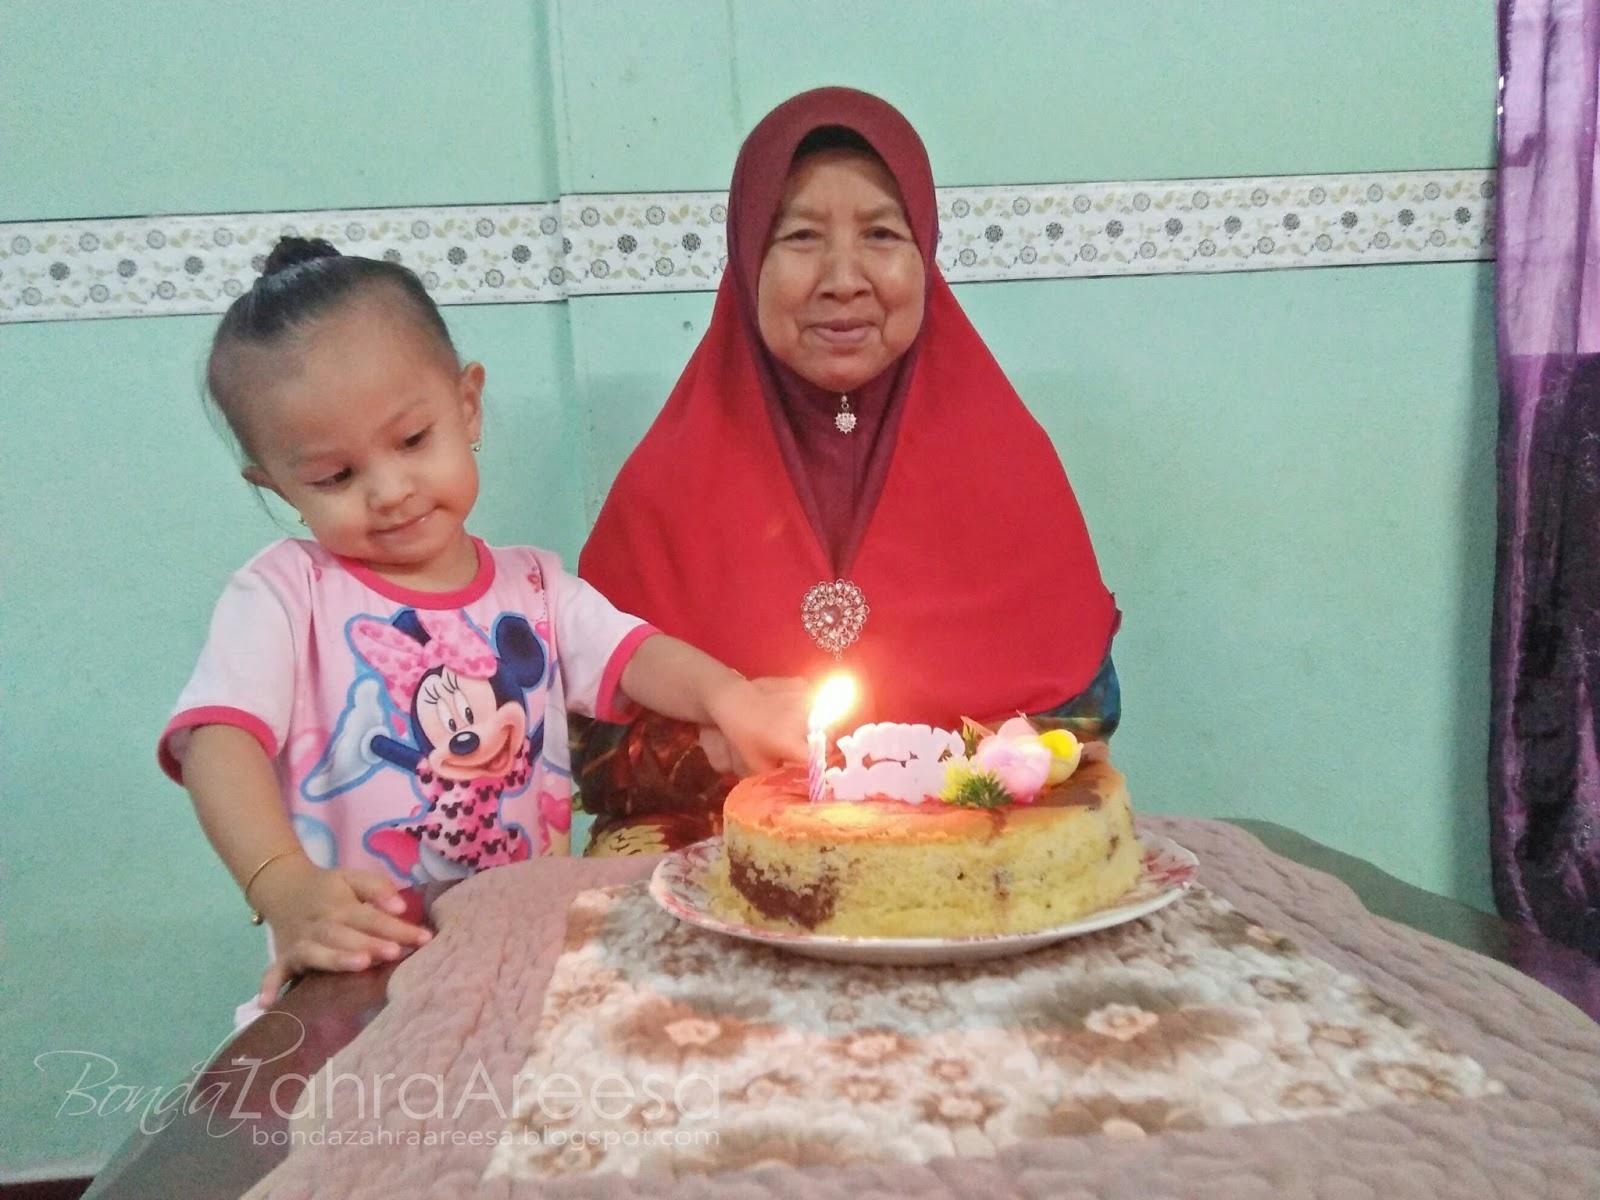 Sambutan sederhana hari lahir mak